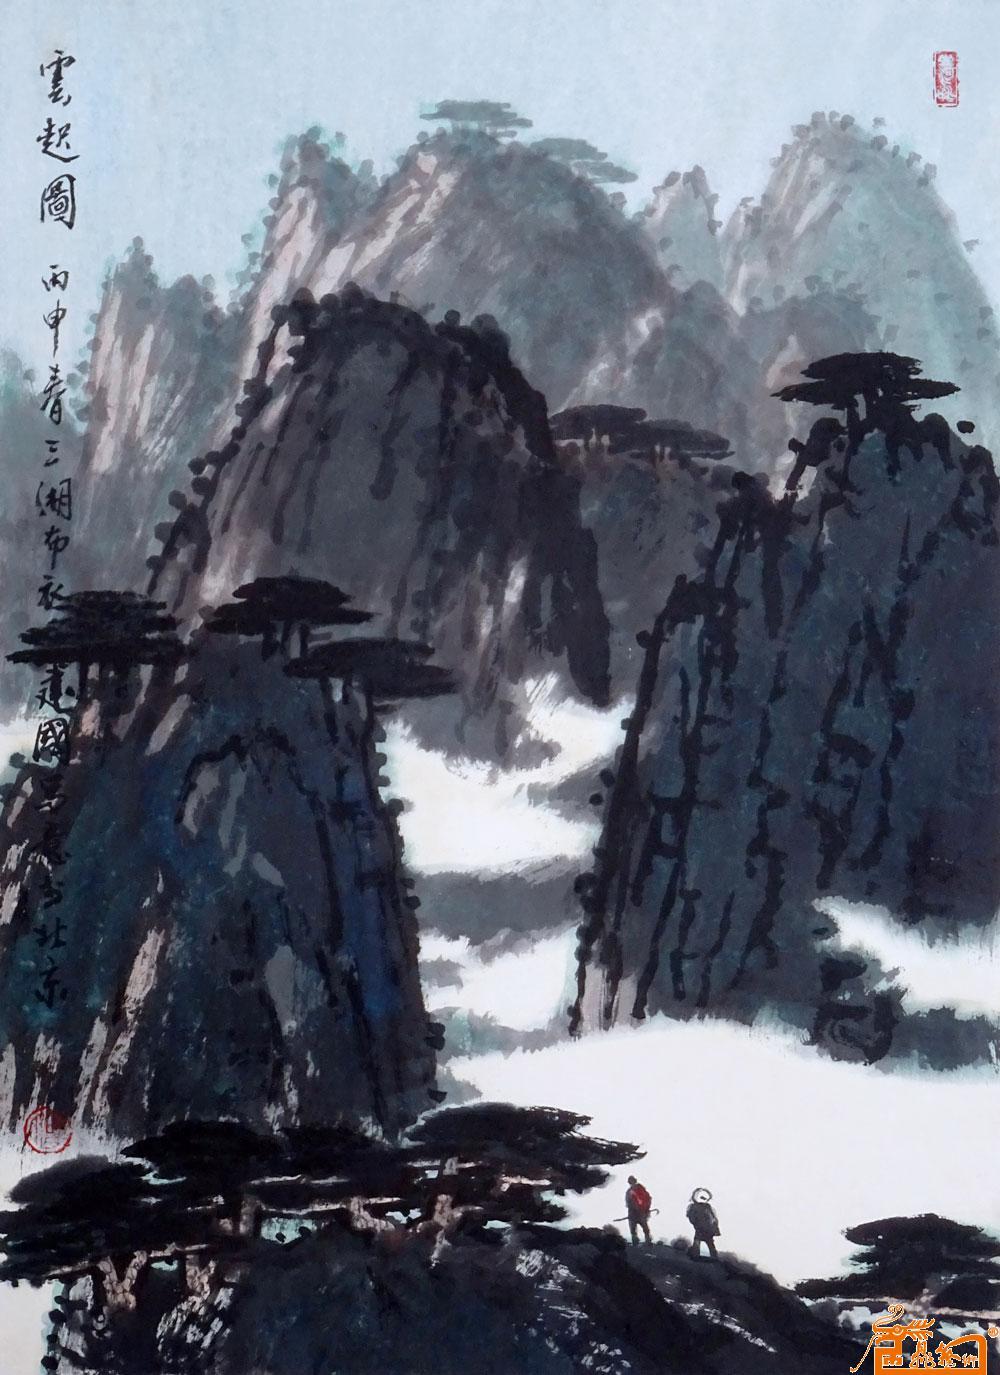 何建国,中国当代著名山水画家,生于1932年,湖南邵阳人.